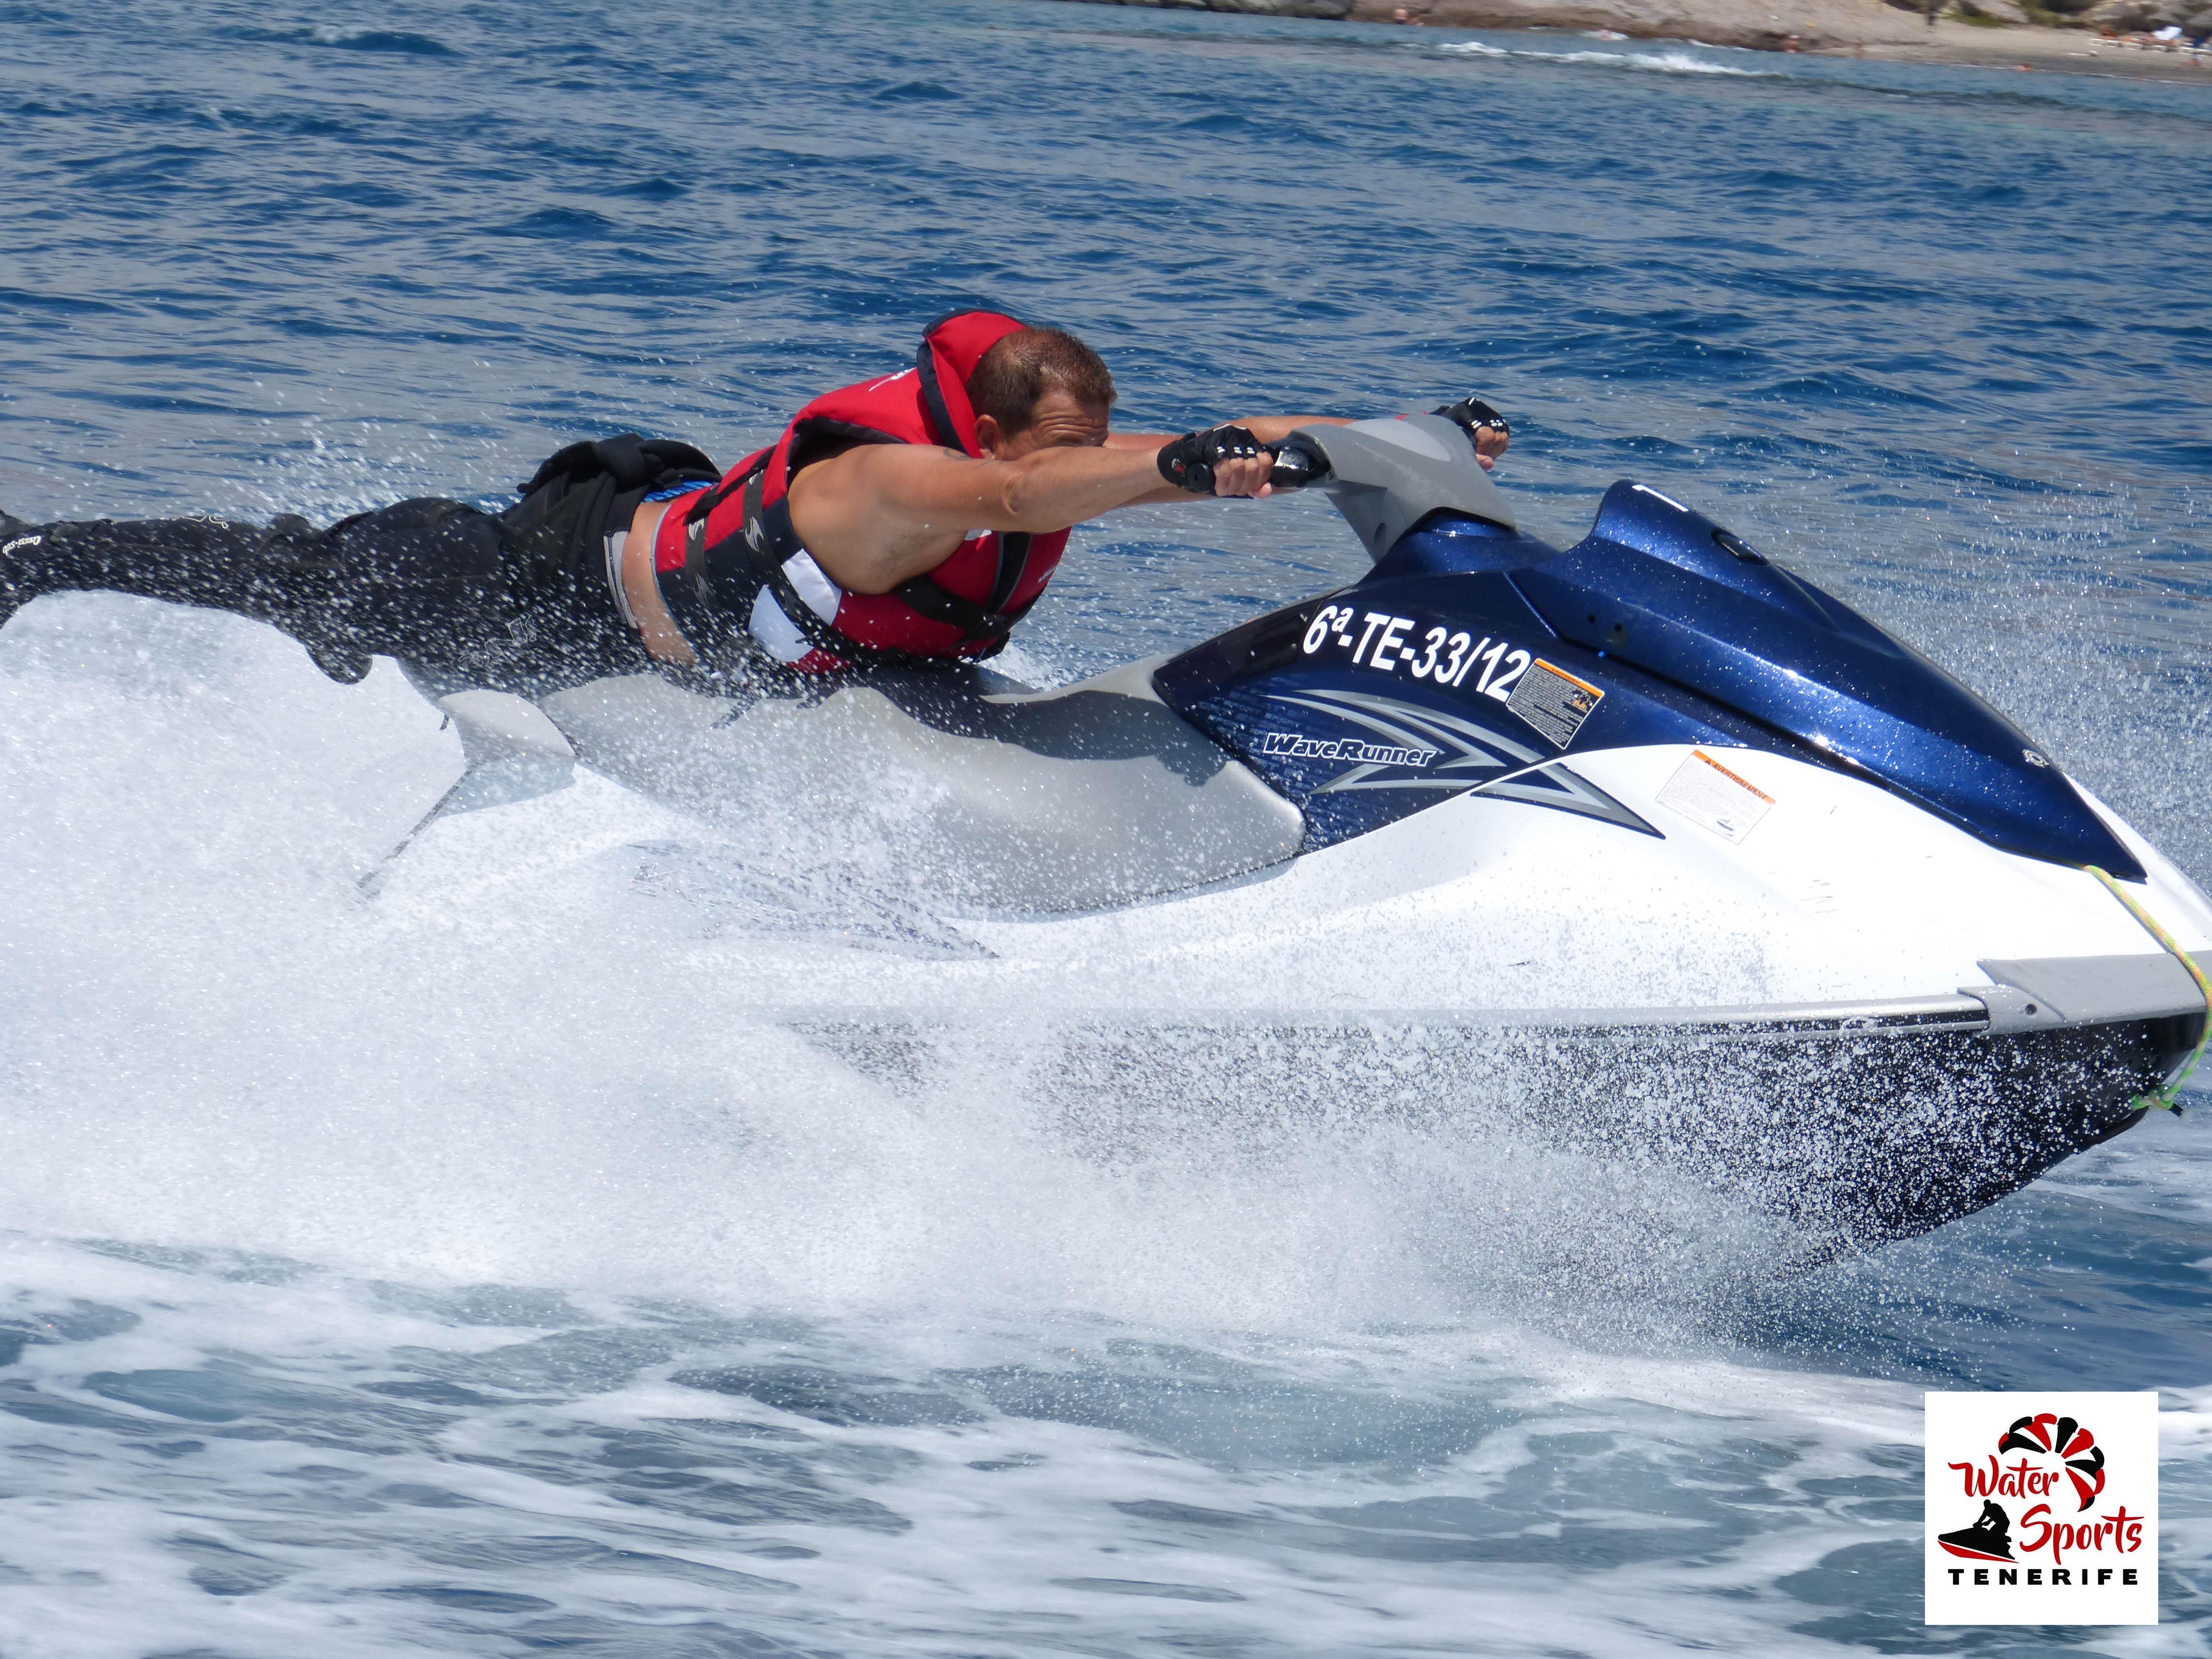 jet ski safari rent jet ski en islas canarias tenerife sur los cristianos las americas